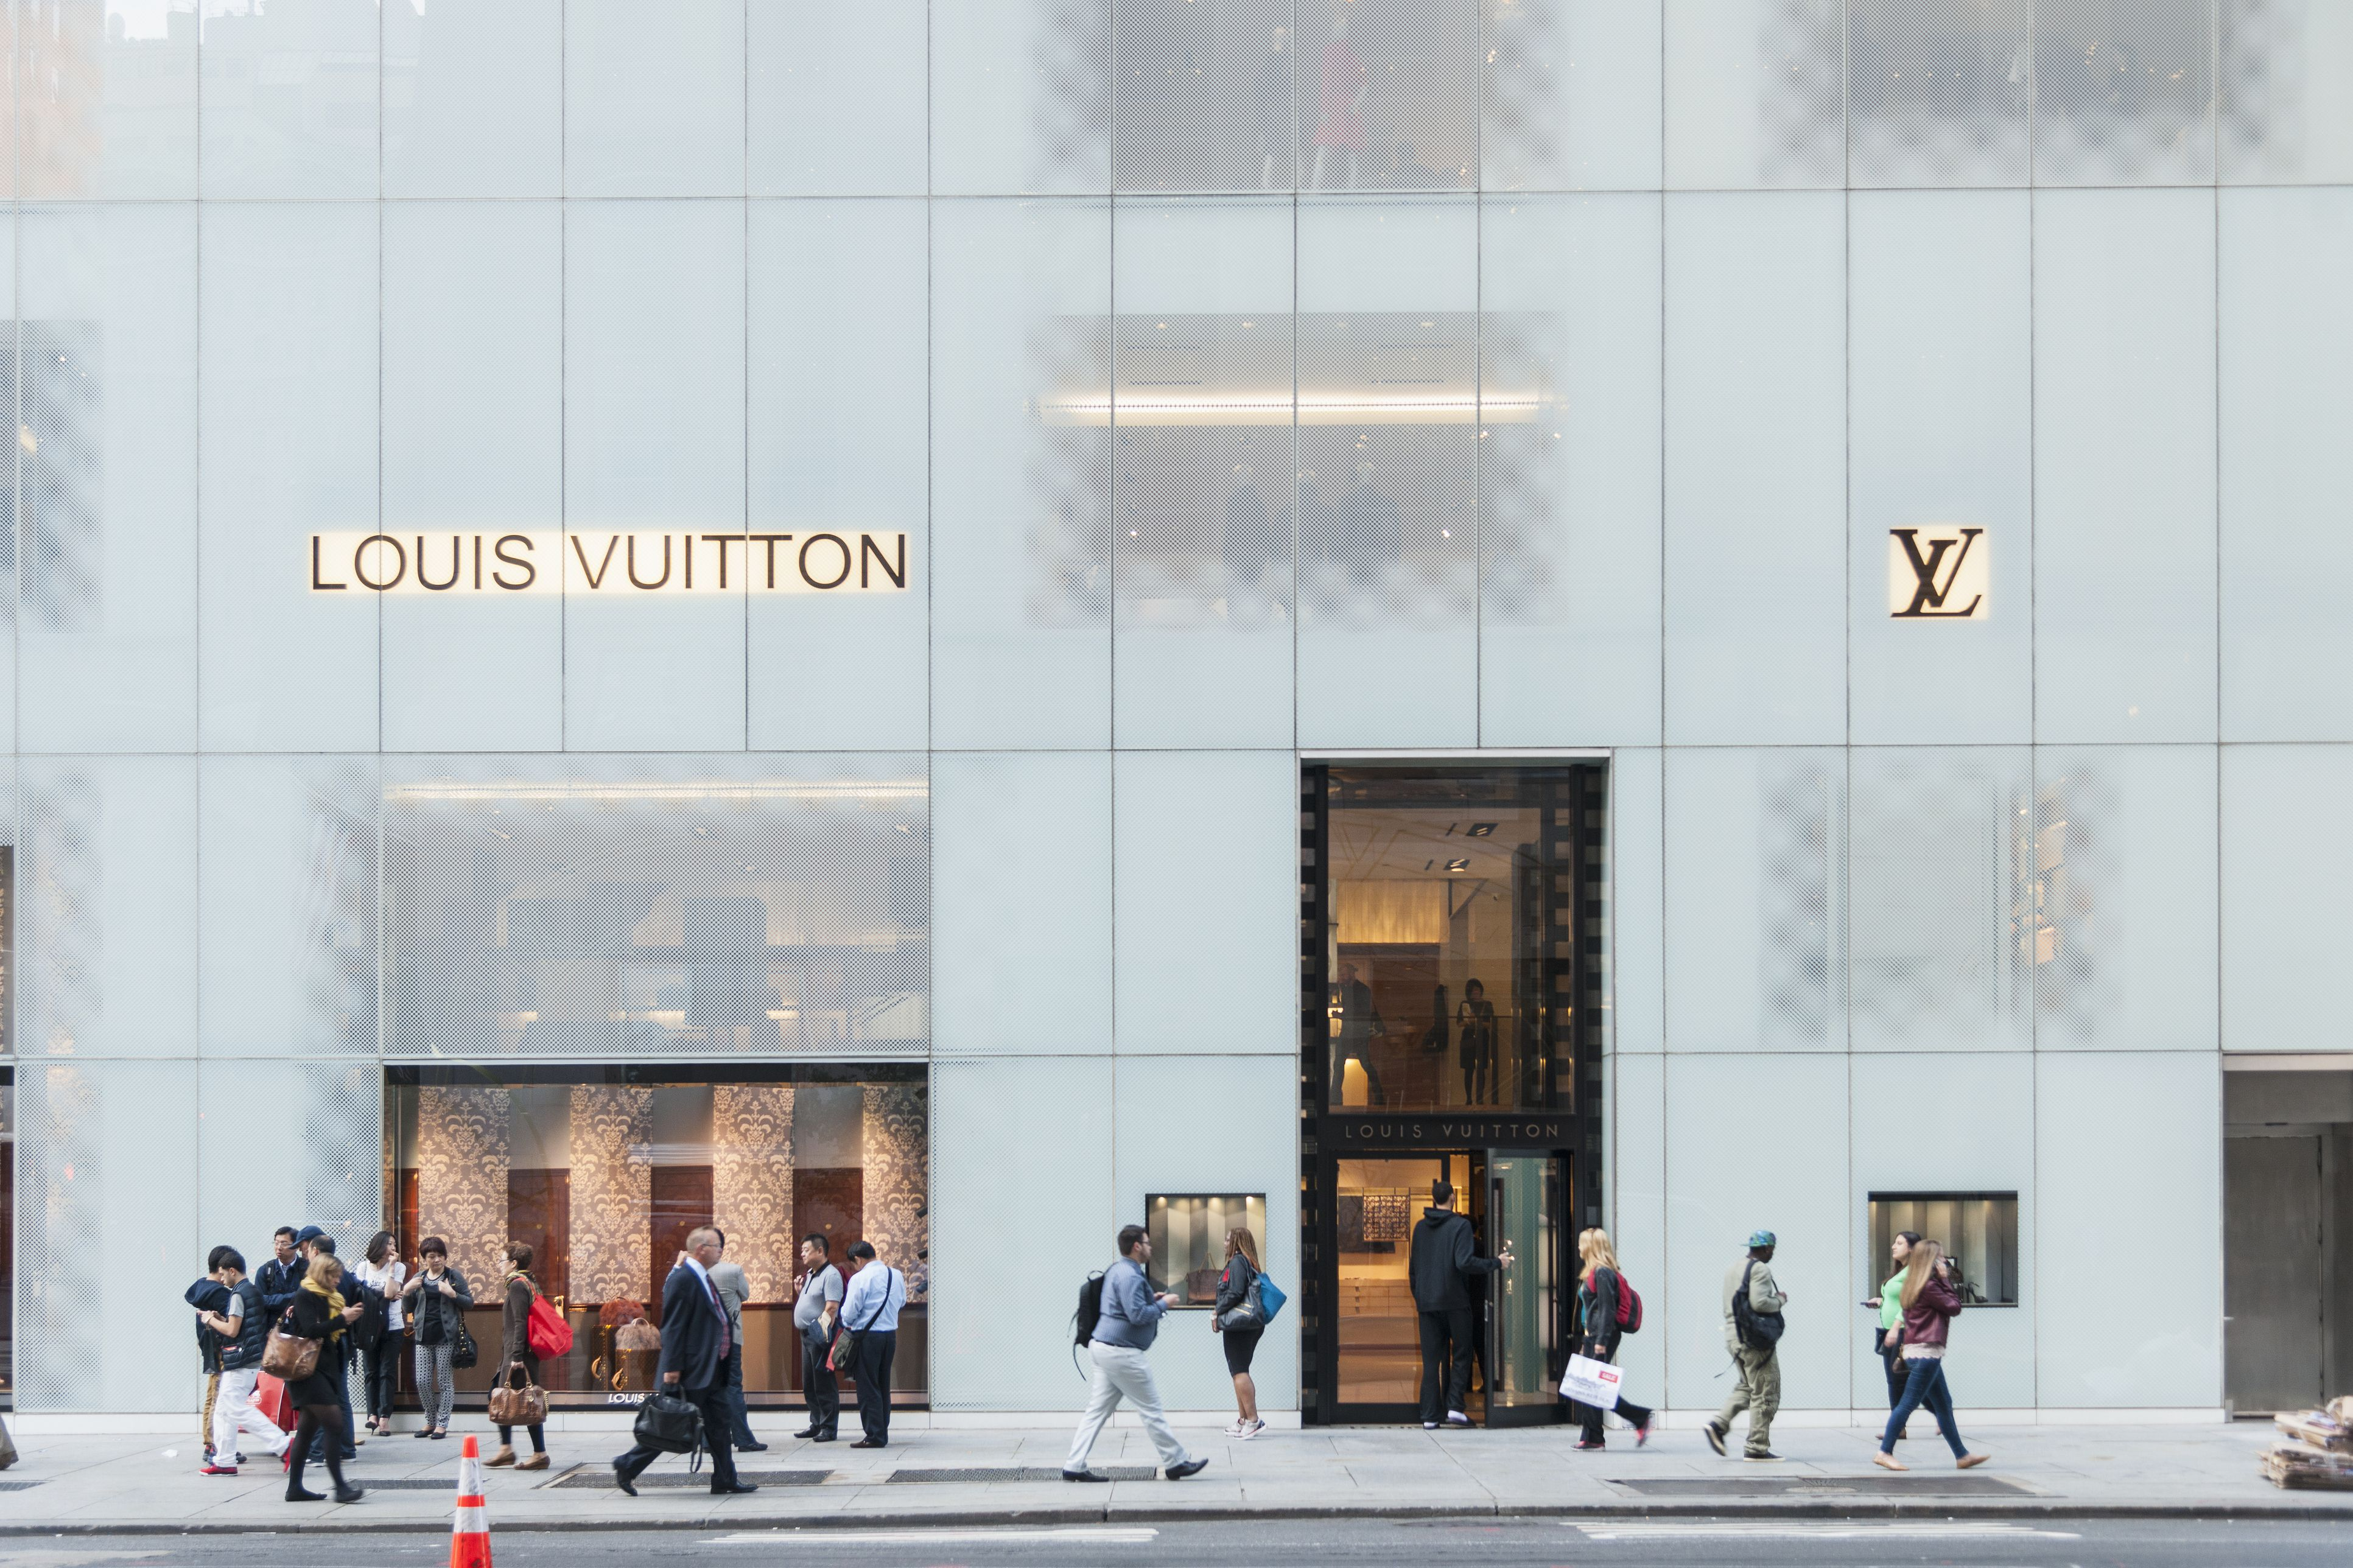 Louis Vuitton shop a lo largo de 5th Avenue